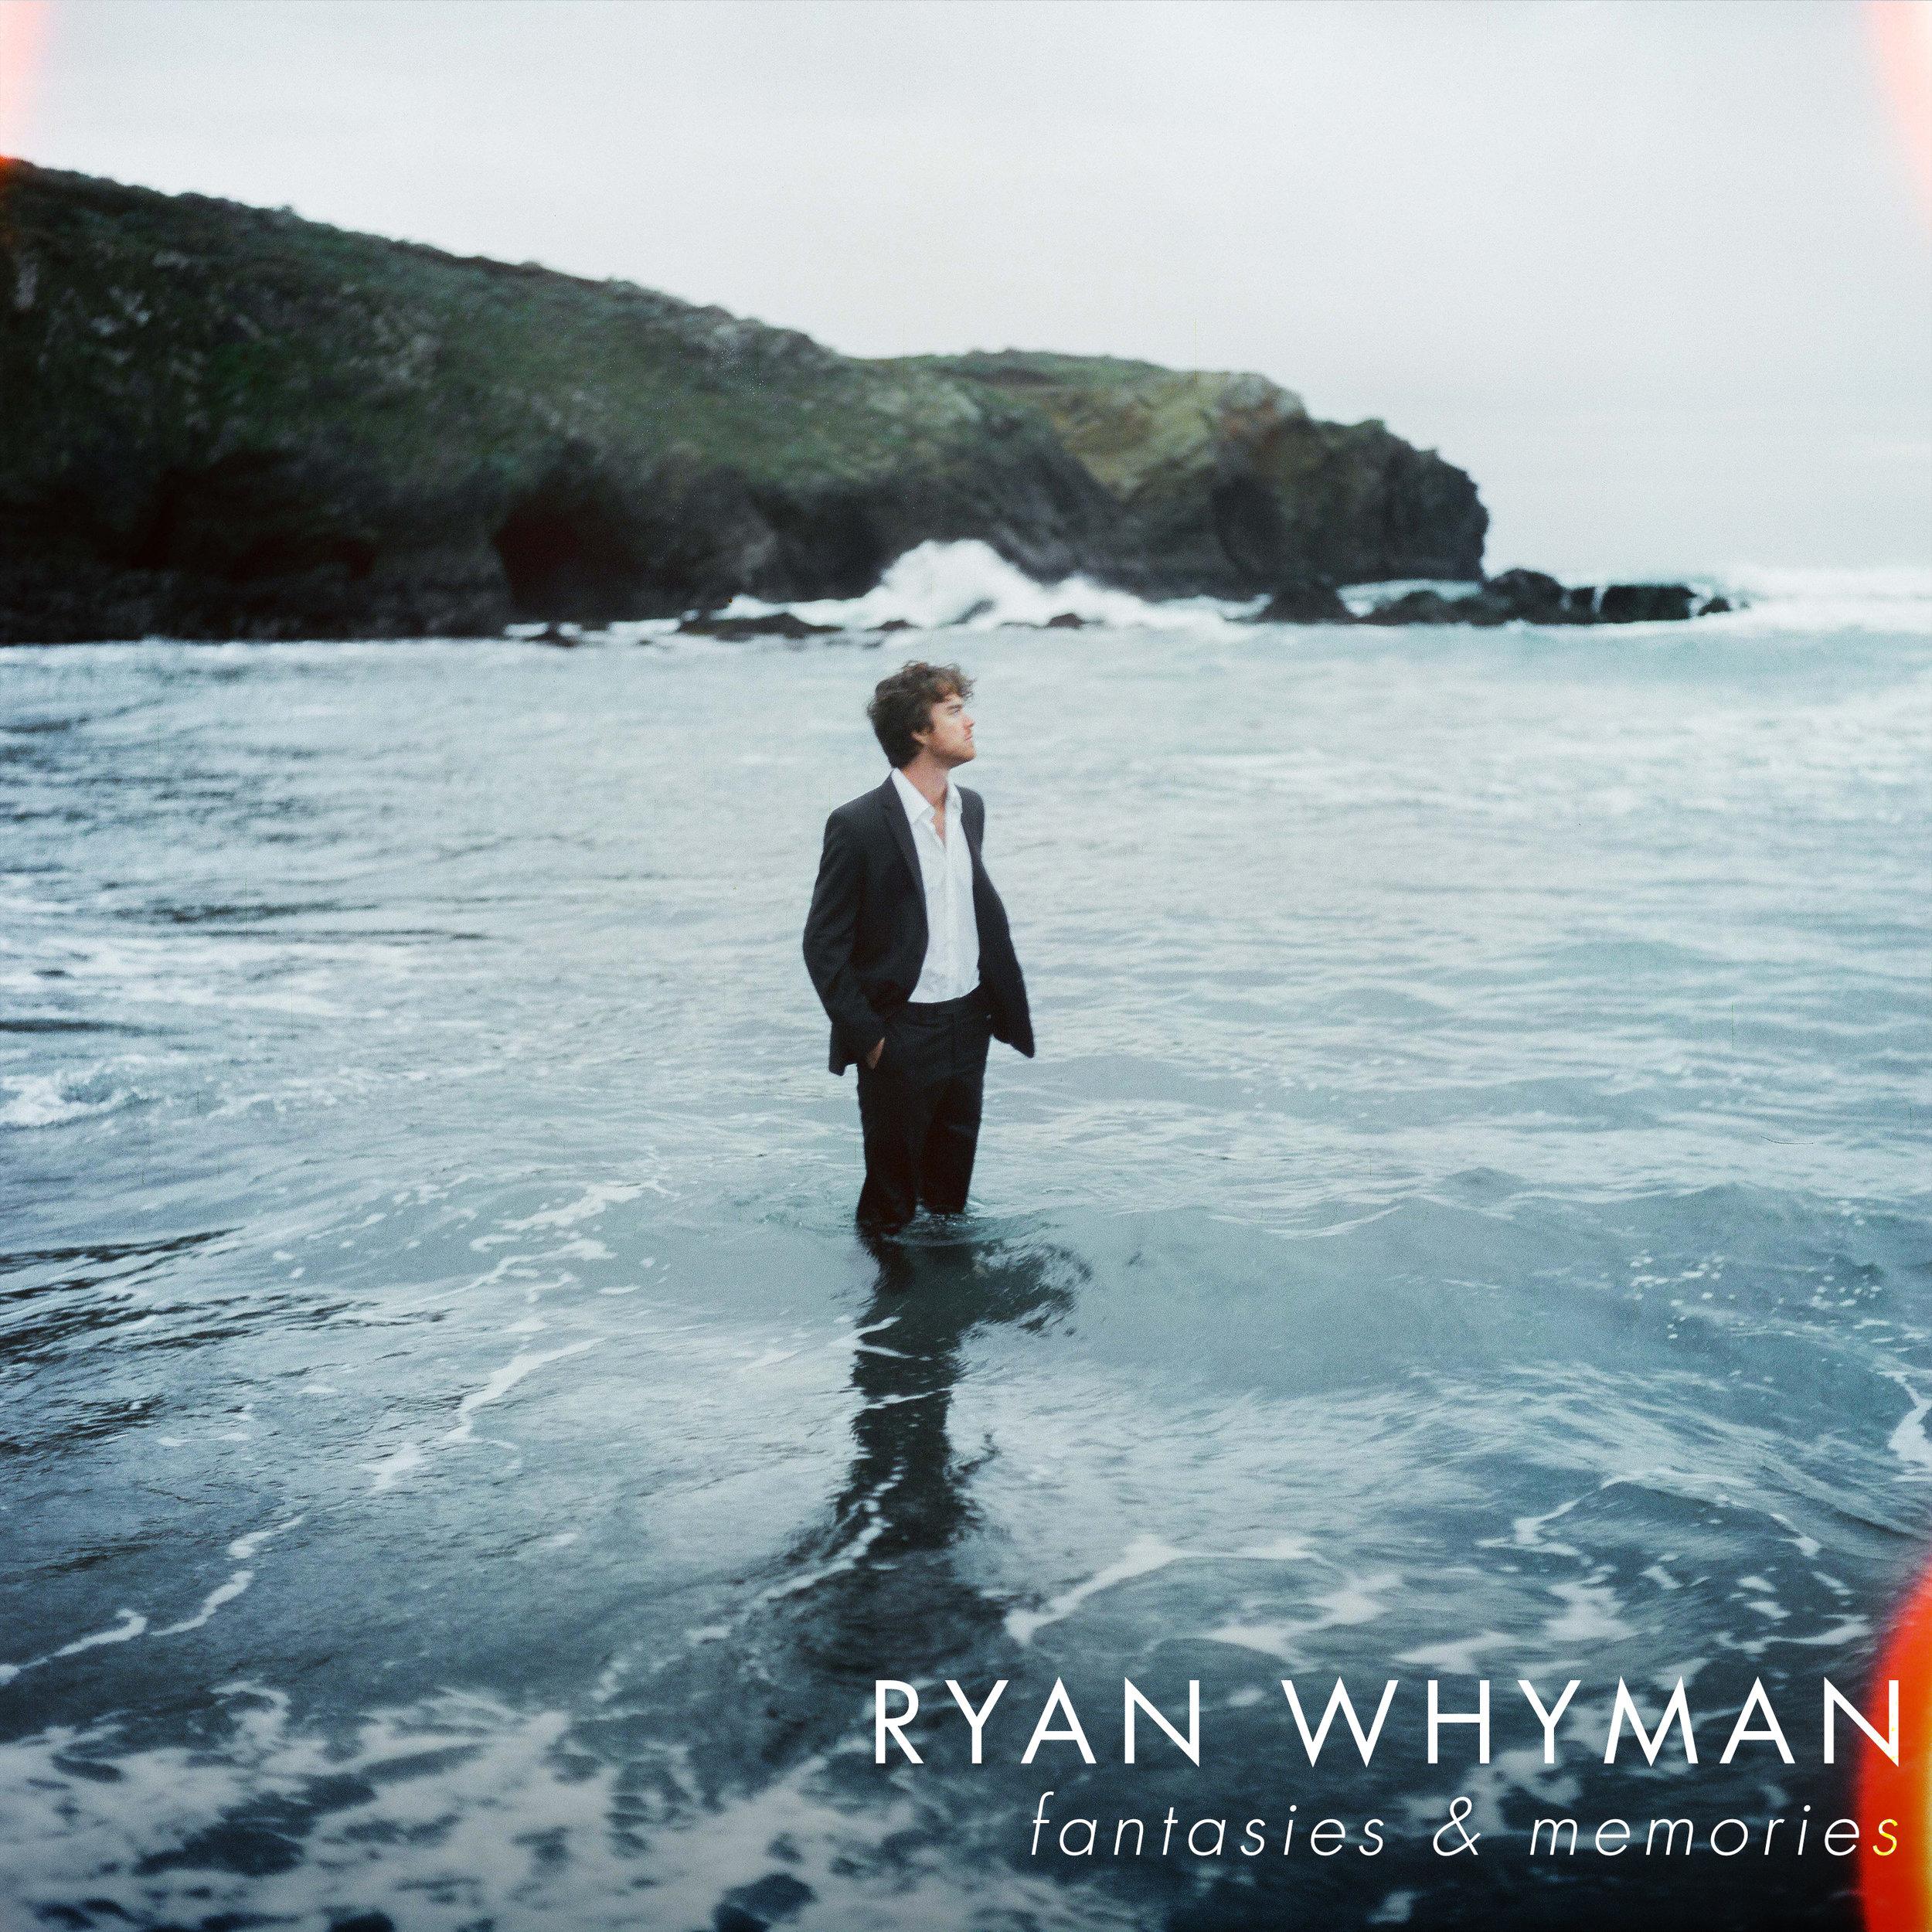 Whyman Album Cover_300dpi.jpg